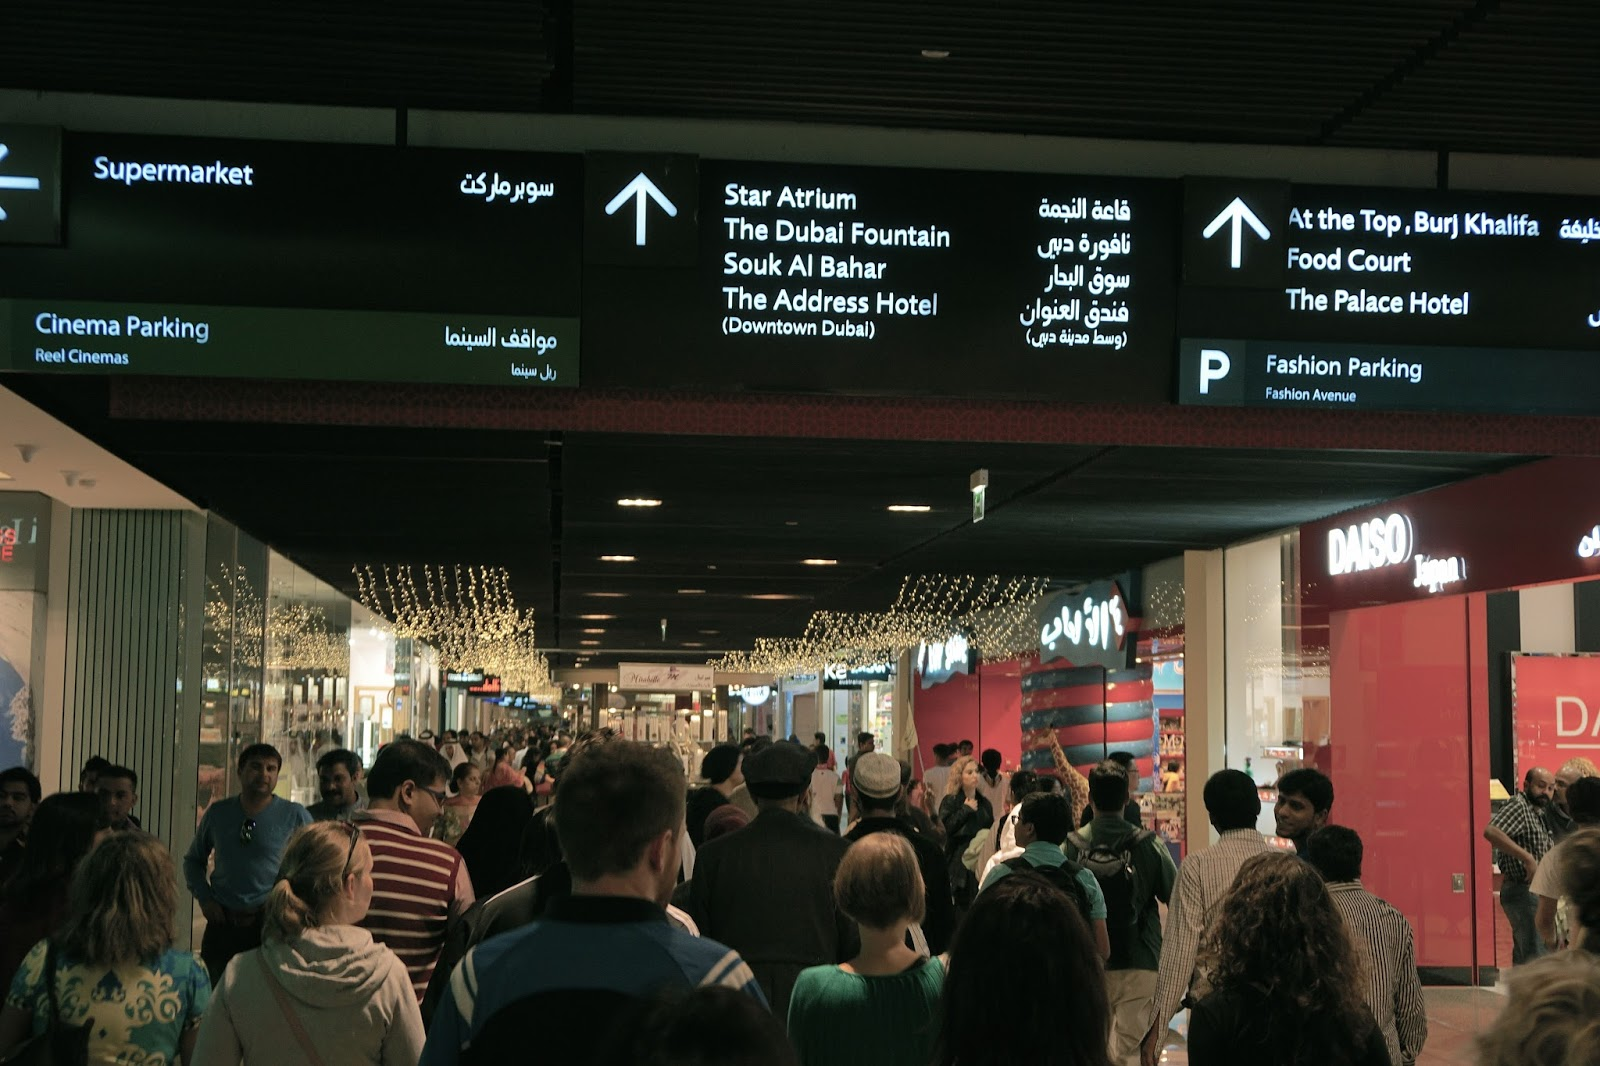 ドバイ・モール (The Dubai Mall)